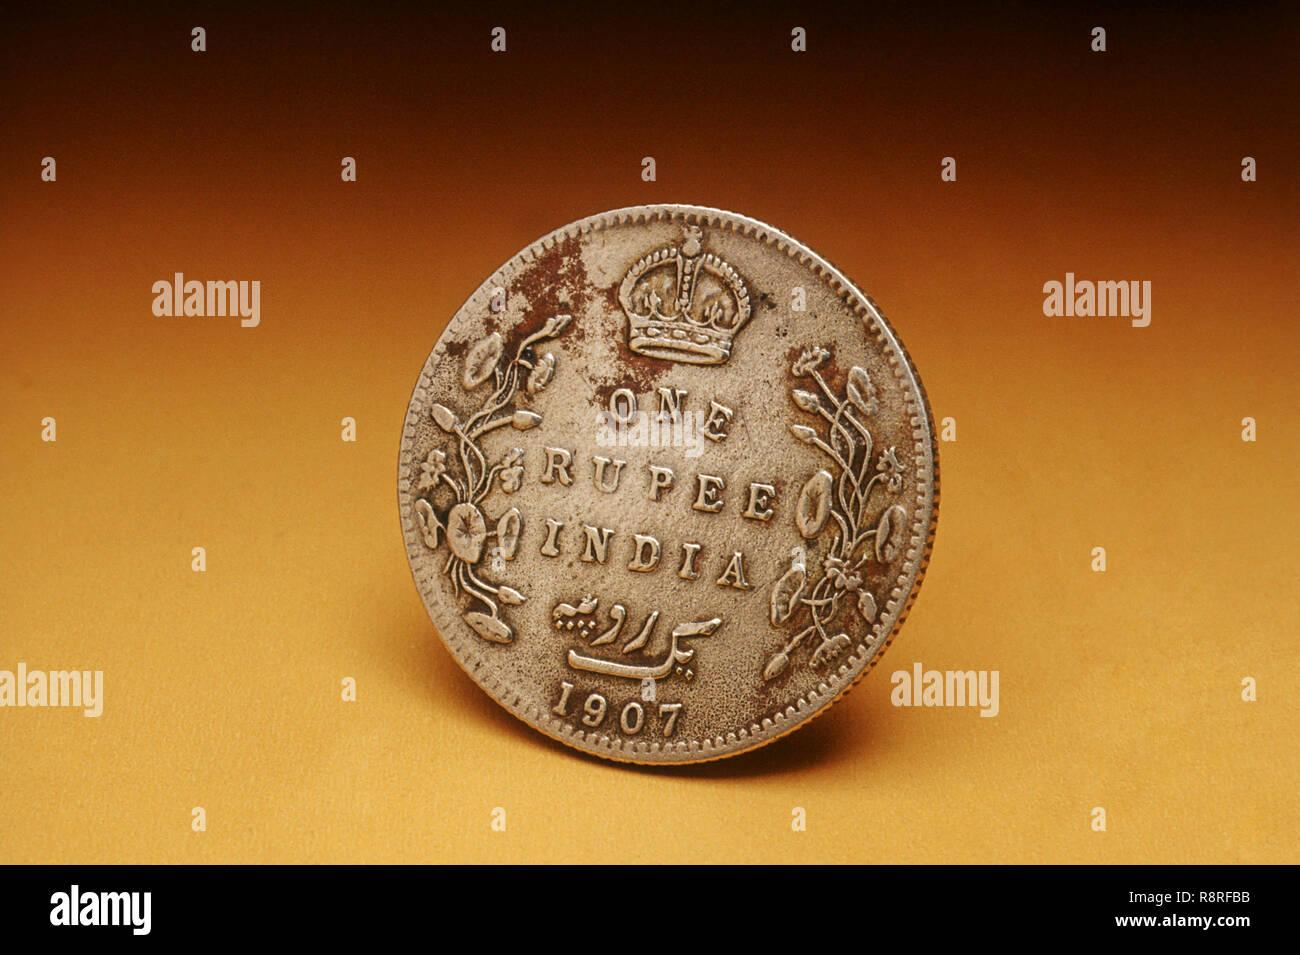 Antique Silver Coin - Stock Image